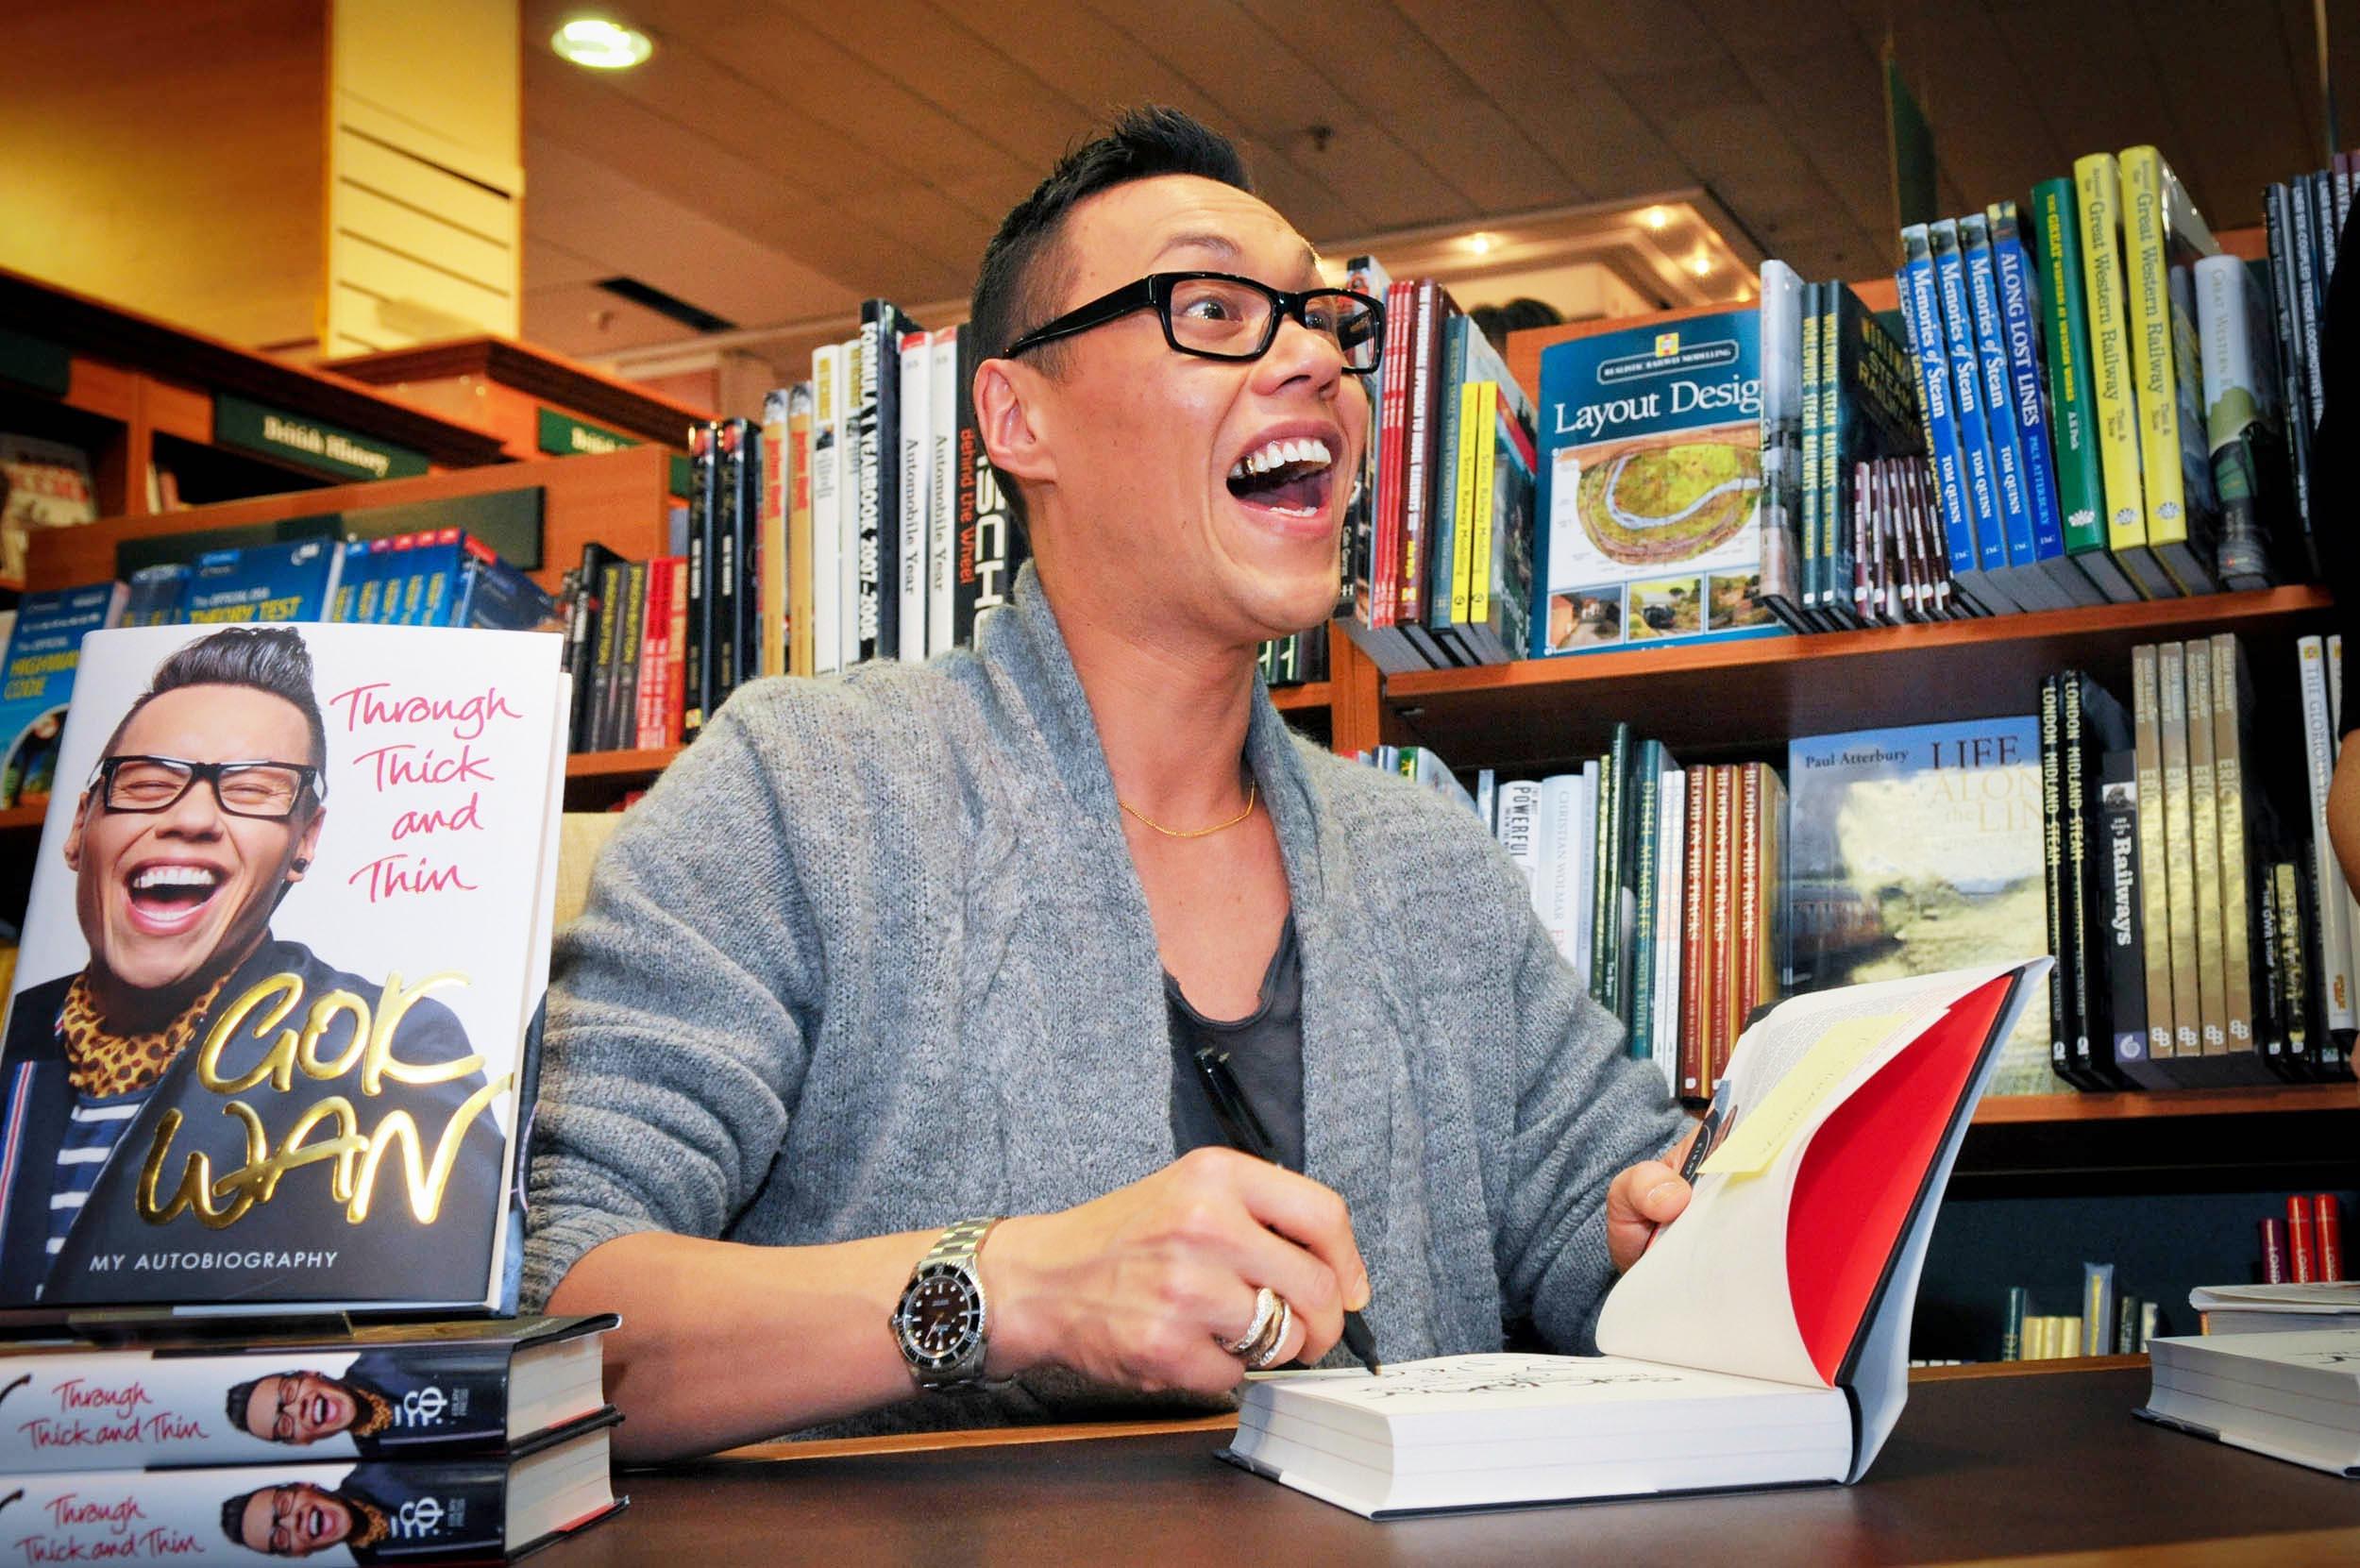 Gok Wan book signing